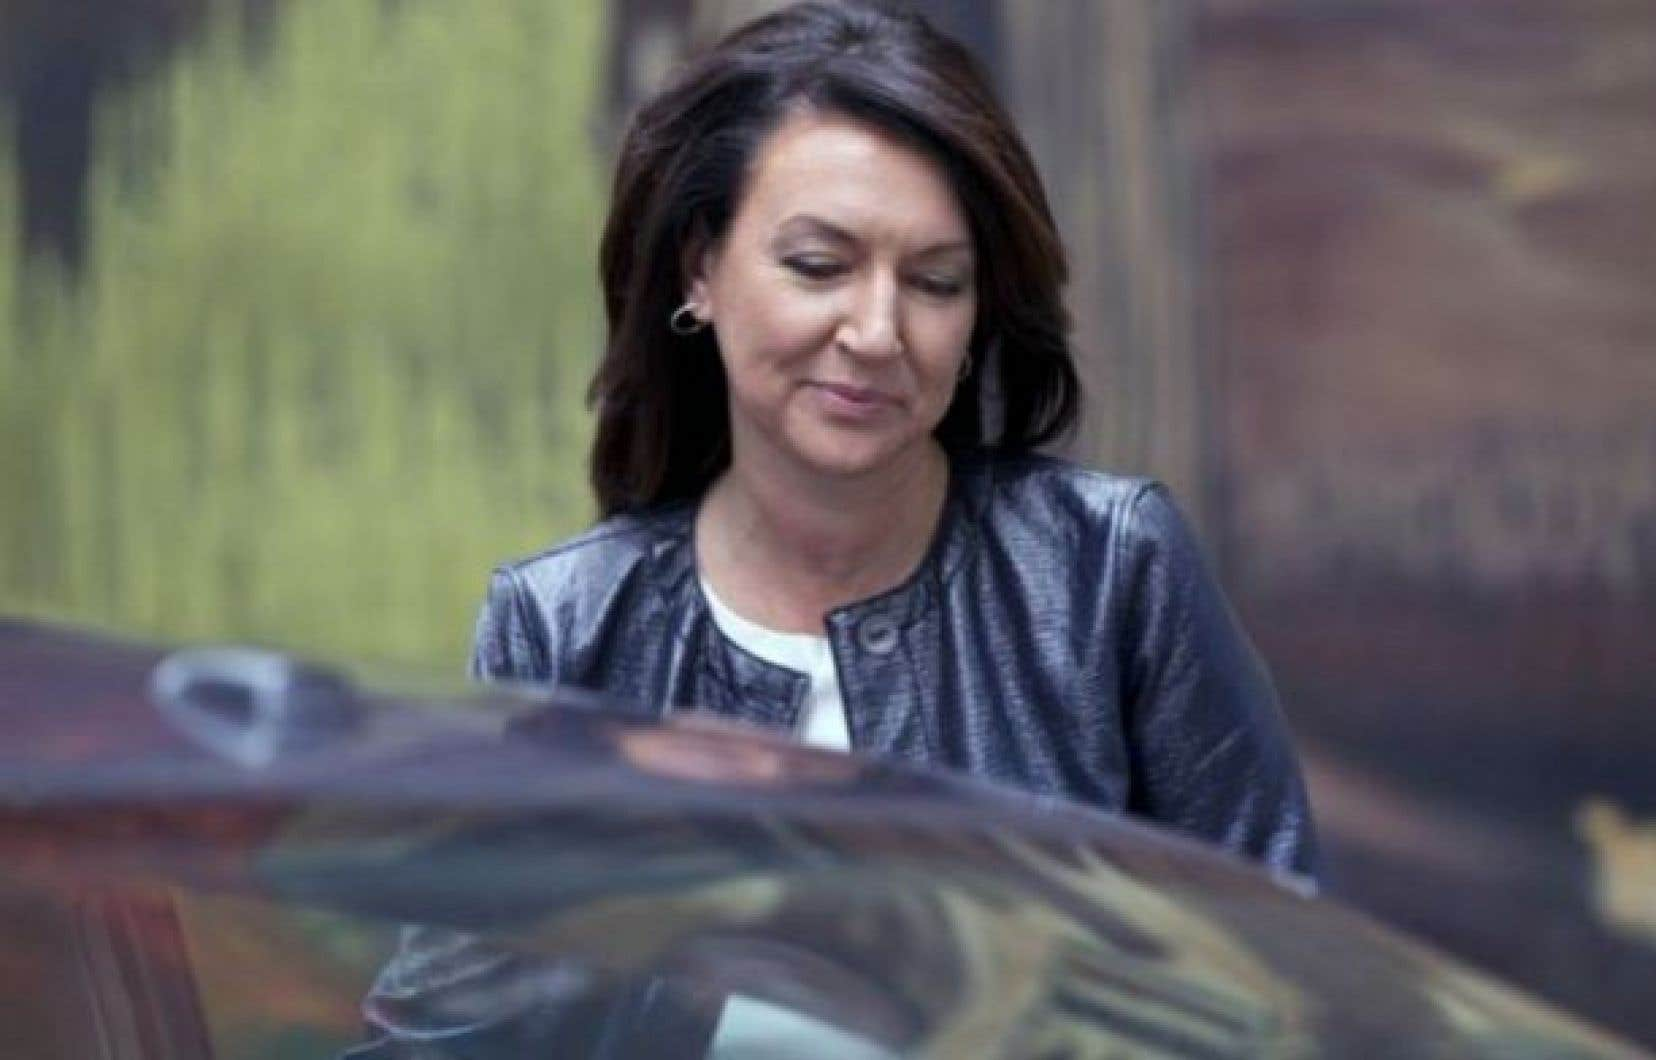 L'ex-vice-première ministre Nathalie Normandeau a été arrêtée jeudi avec six autres personnes puis relâchée avec promesse de comparaître.